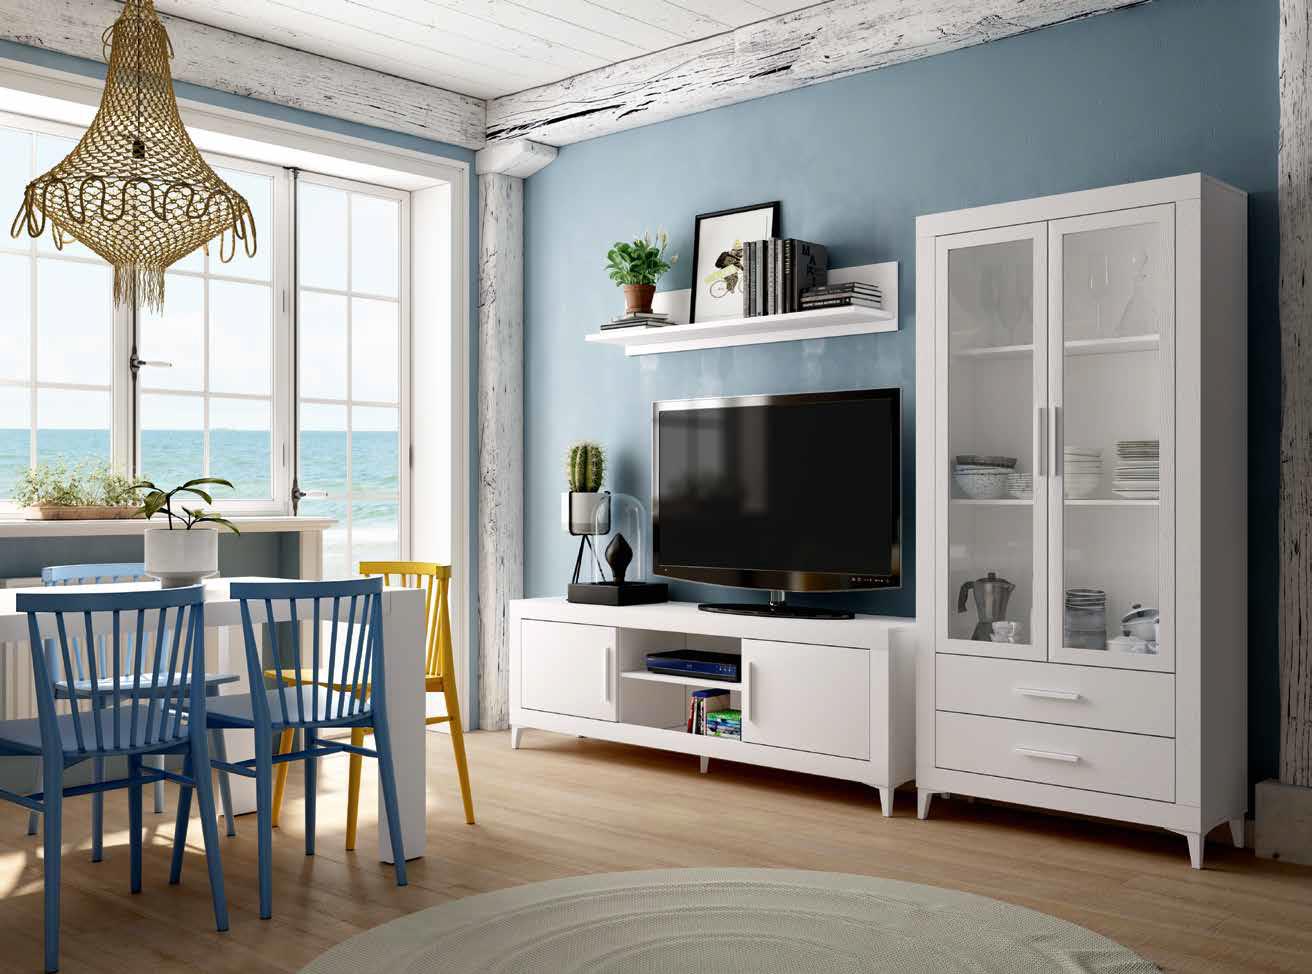 Sal n comedor estilo n rdico modelo 122 muebles sipo for Salon comedor estilo nordico